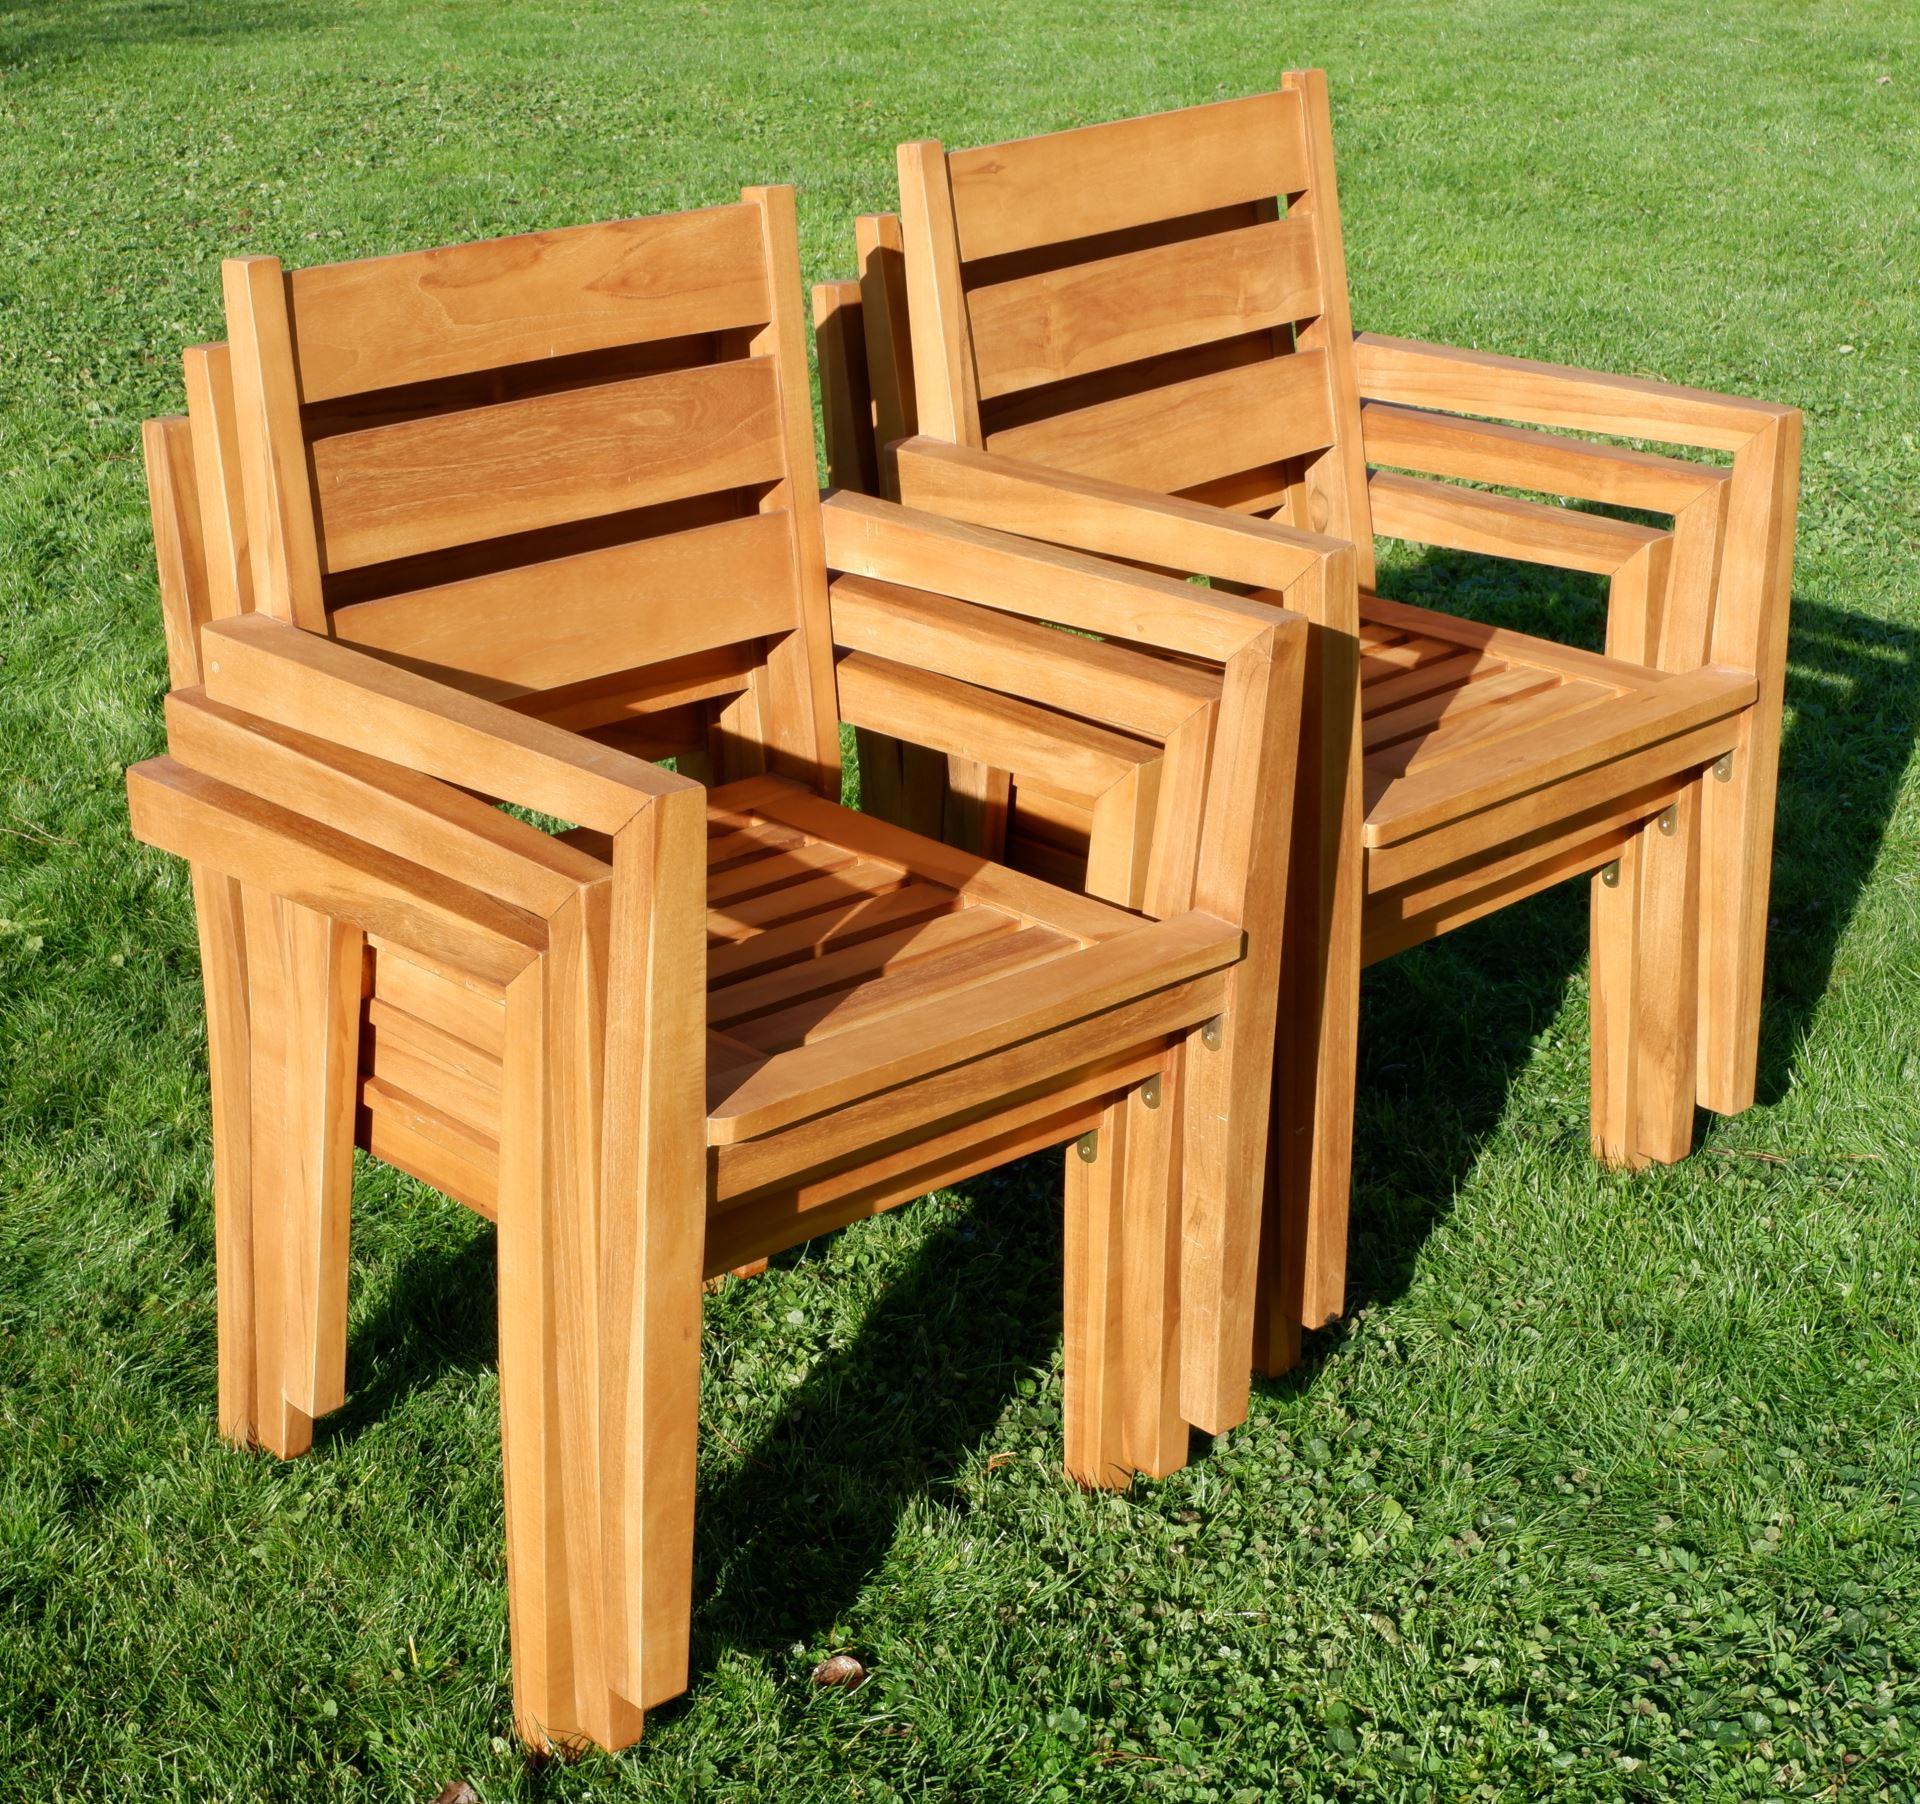 Gartenstühle holz stapelbar  6Stk ECHT TEAK Design Gartenstuhl Stapelstuhl JAV-KINGSTON stapelbar ...